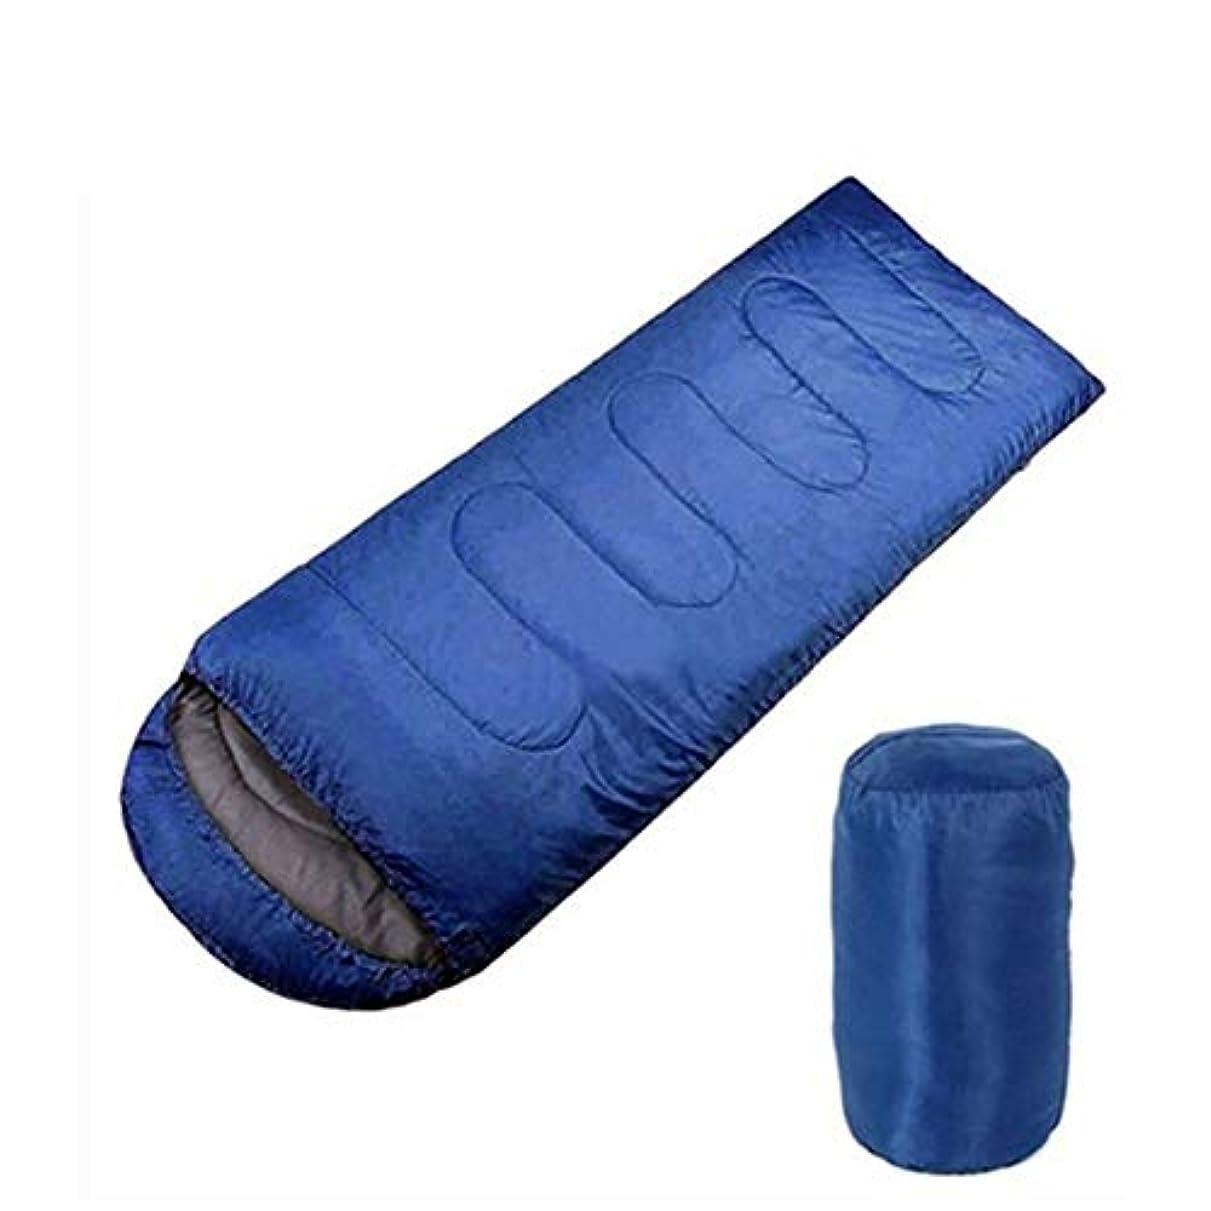 アテンダント強調貫入寝袋、防カビ、収納が簡単、暖かく通気性がある、アウトドアキャンプ、寝袋